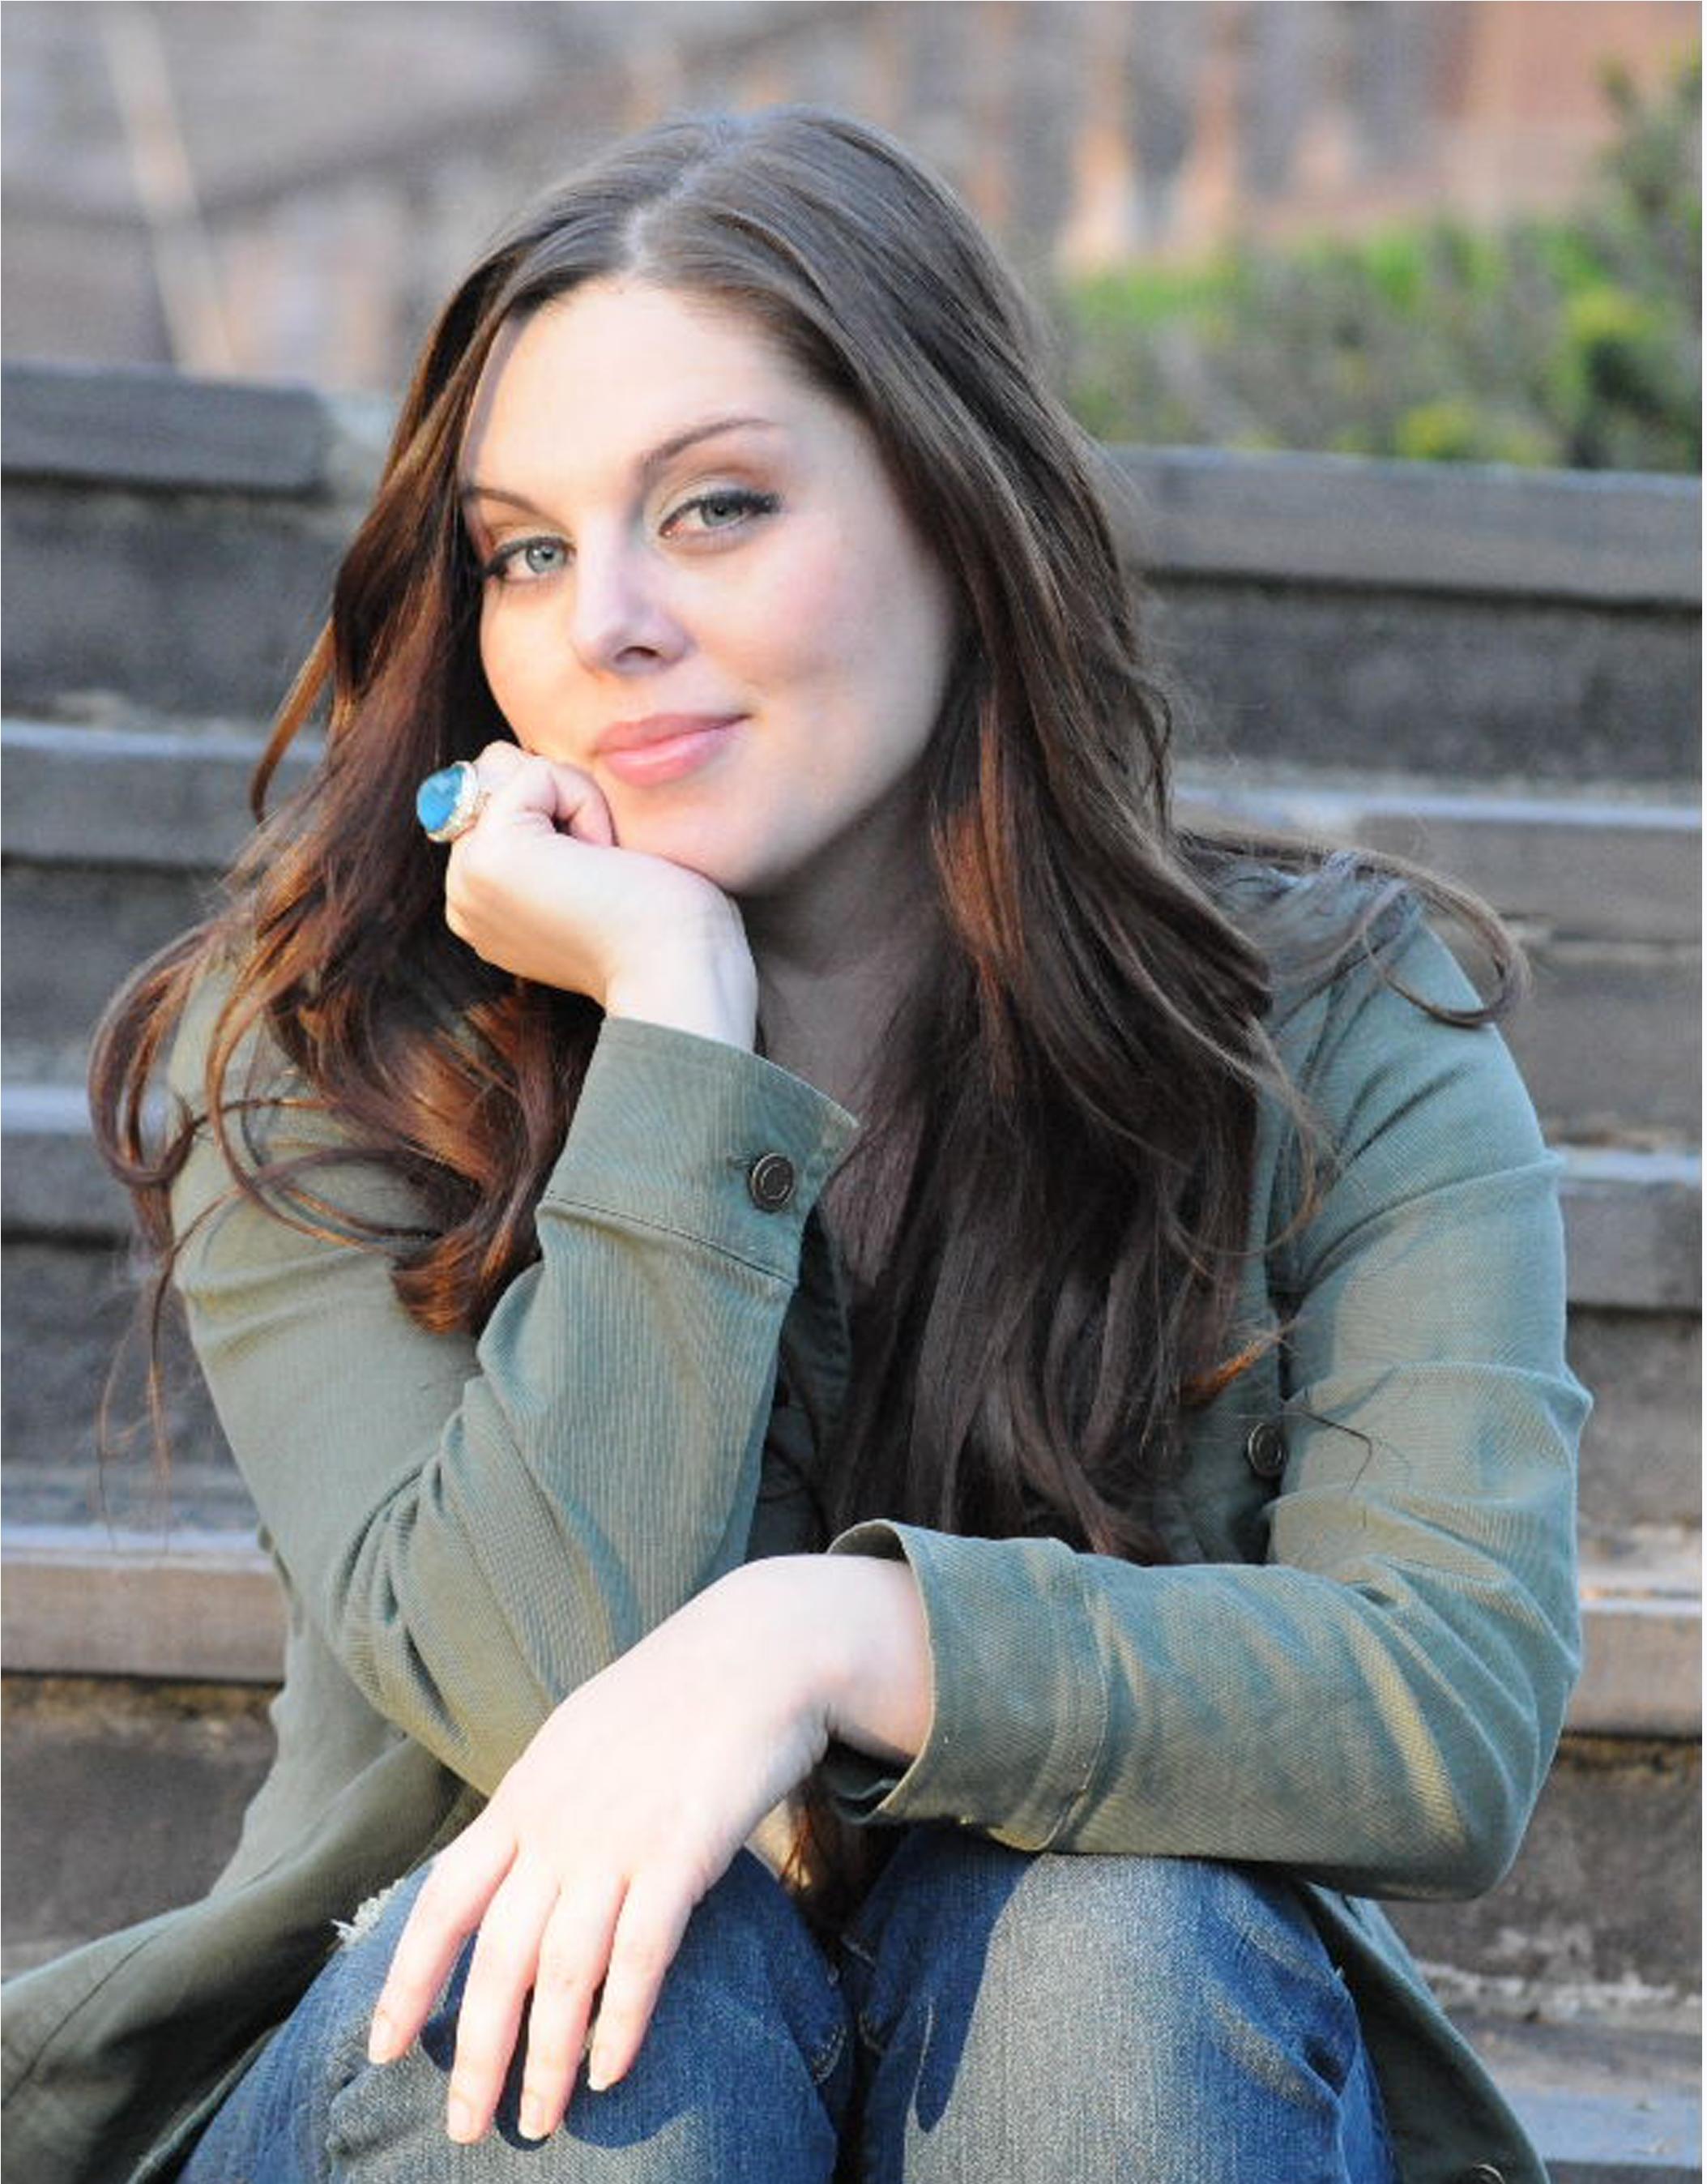 Katrina Weidman